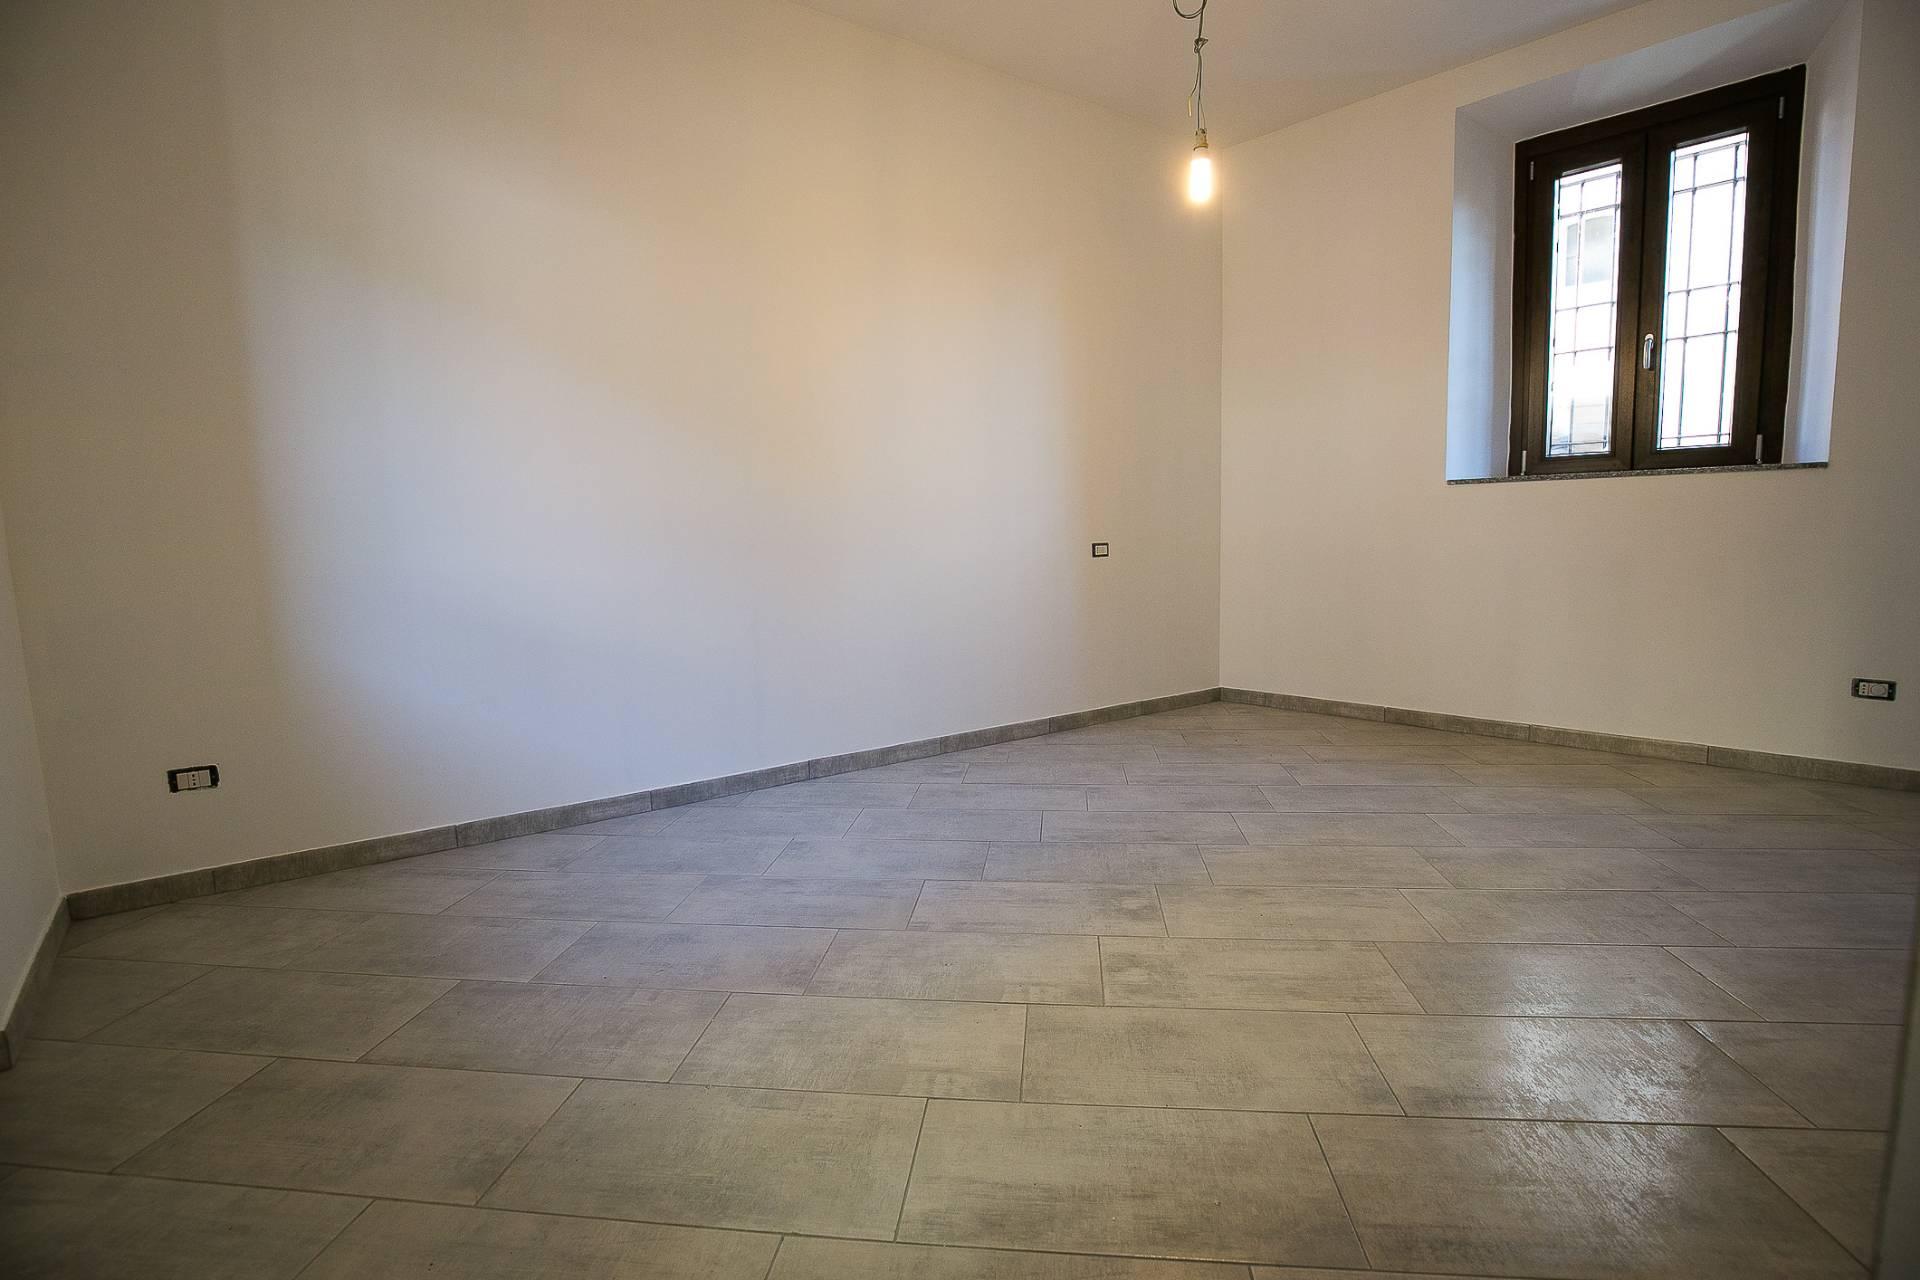 Appartamento in vendita a Uboldo, 1 locali, prezzo € 75.000 | CambioCasa.it